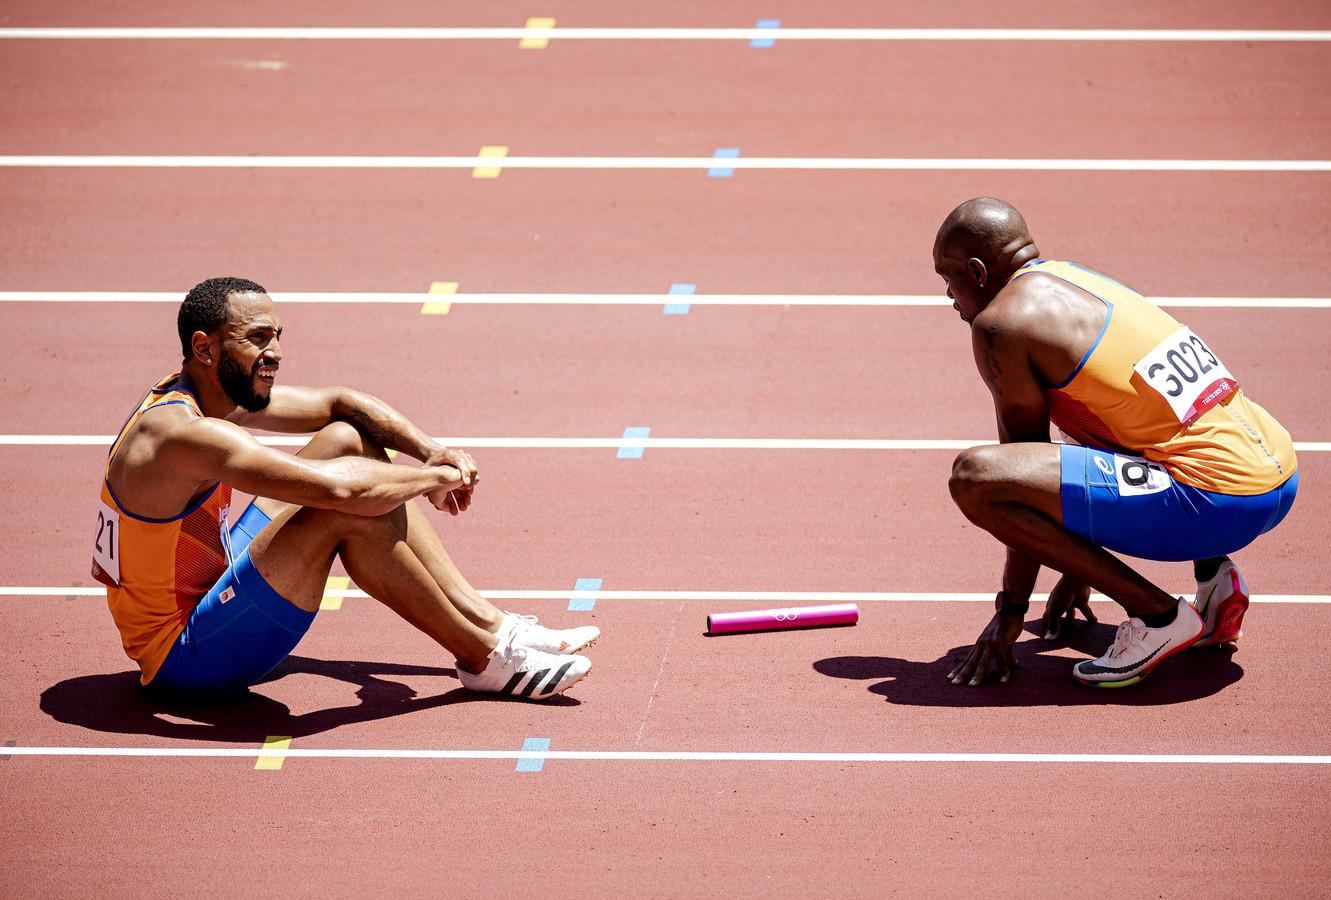 Christopher Garia en Churandy Martina met een foute wissel tijdens de eerste rond van de 4x100 meter mannen in het Olympisch Stadion tijdens het atletiektoernooi van de Olympische Spelen in Tokio.